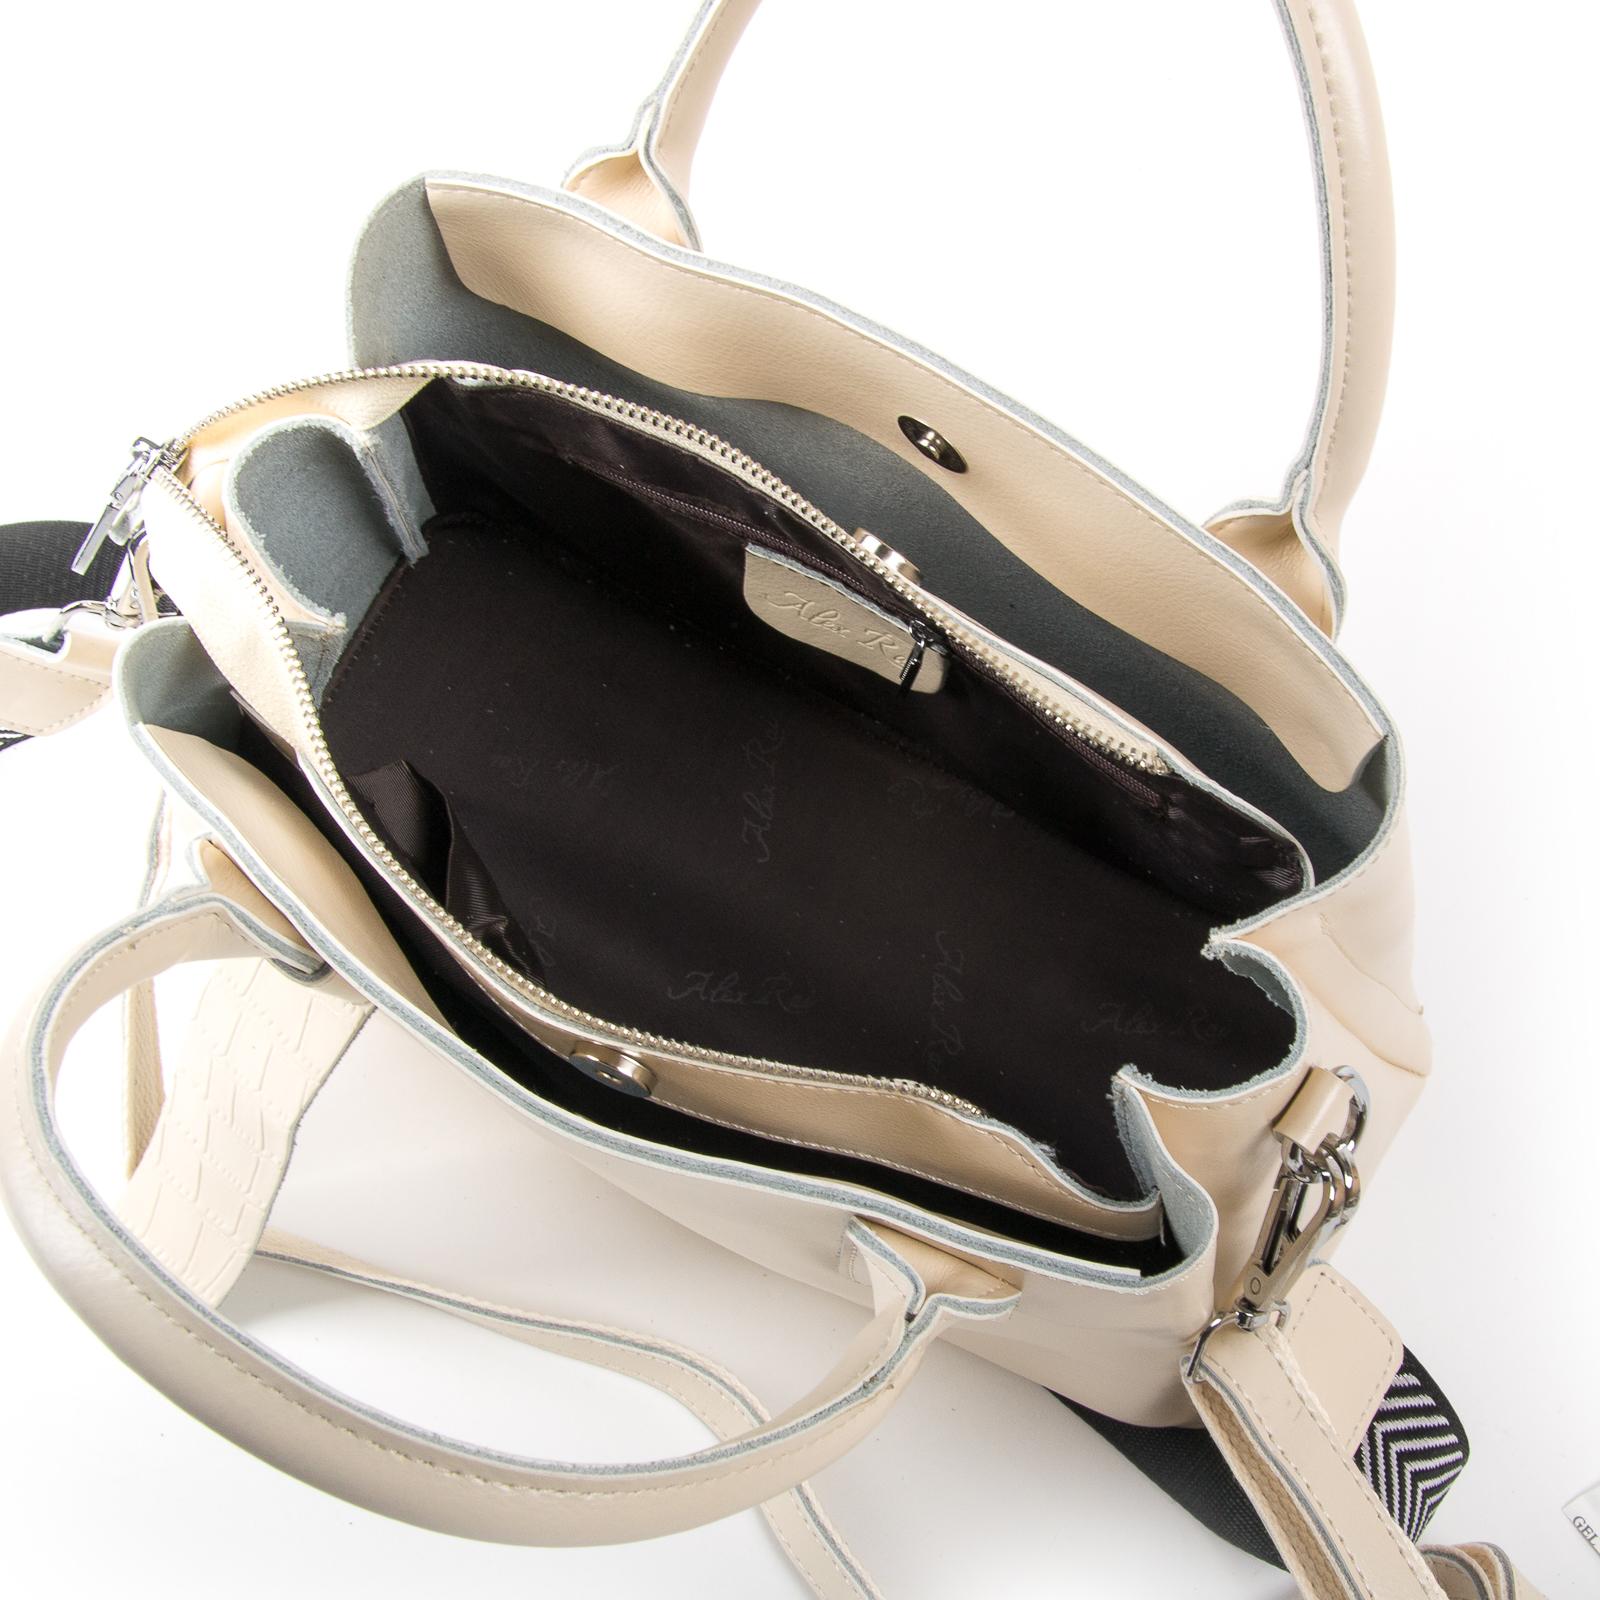 Сумка Женская Классическая кожа ALEX RAI 03-01 2235 beige - фото 5